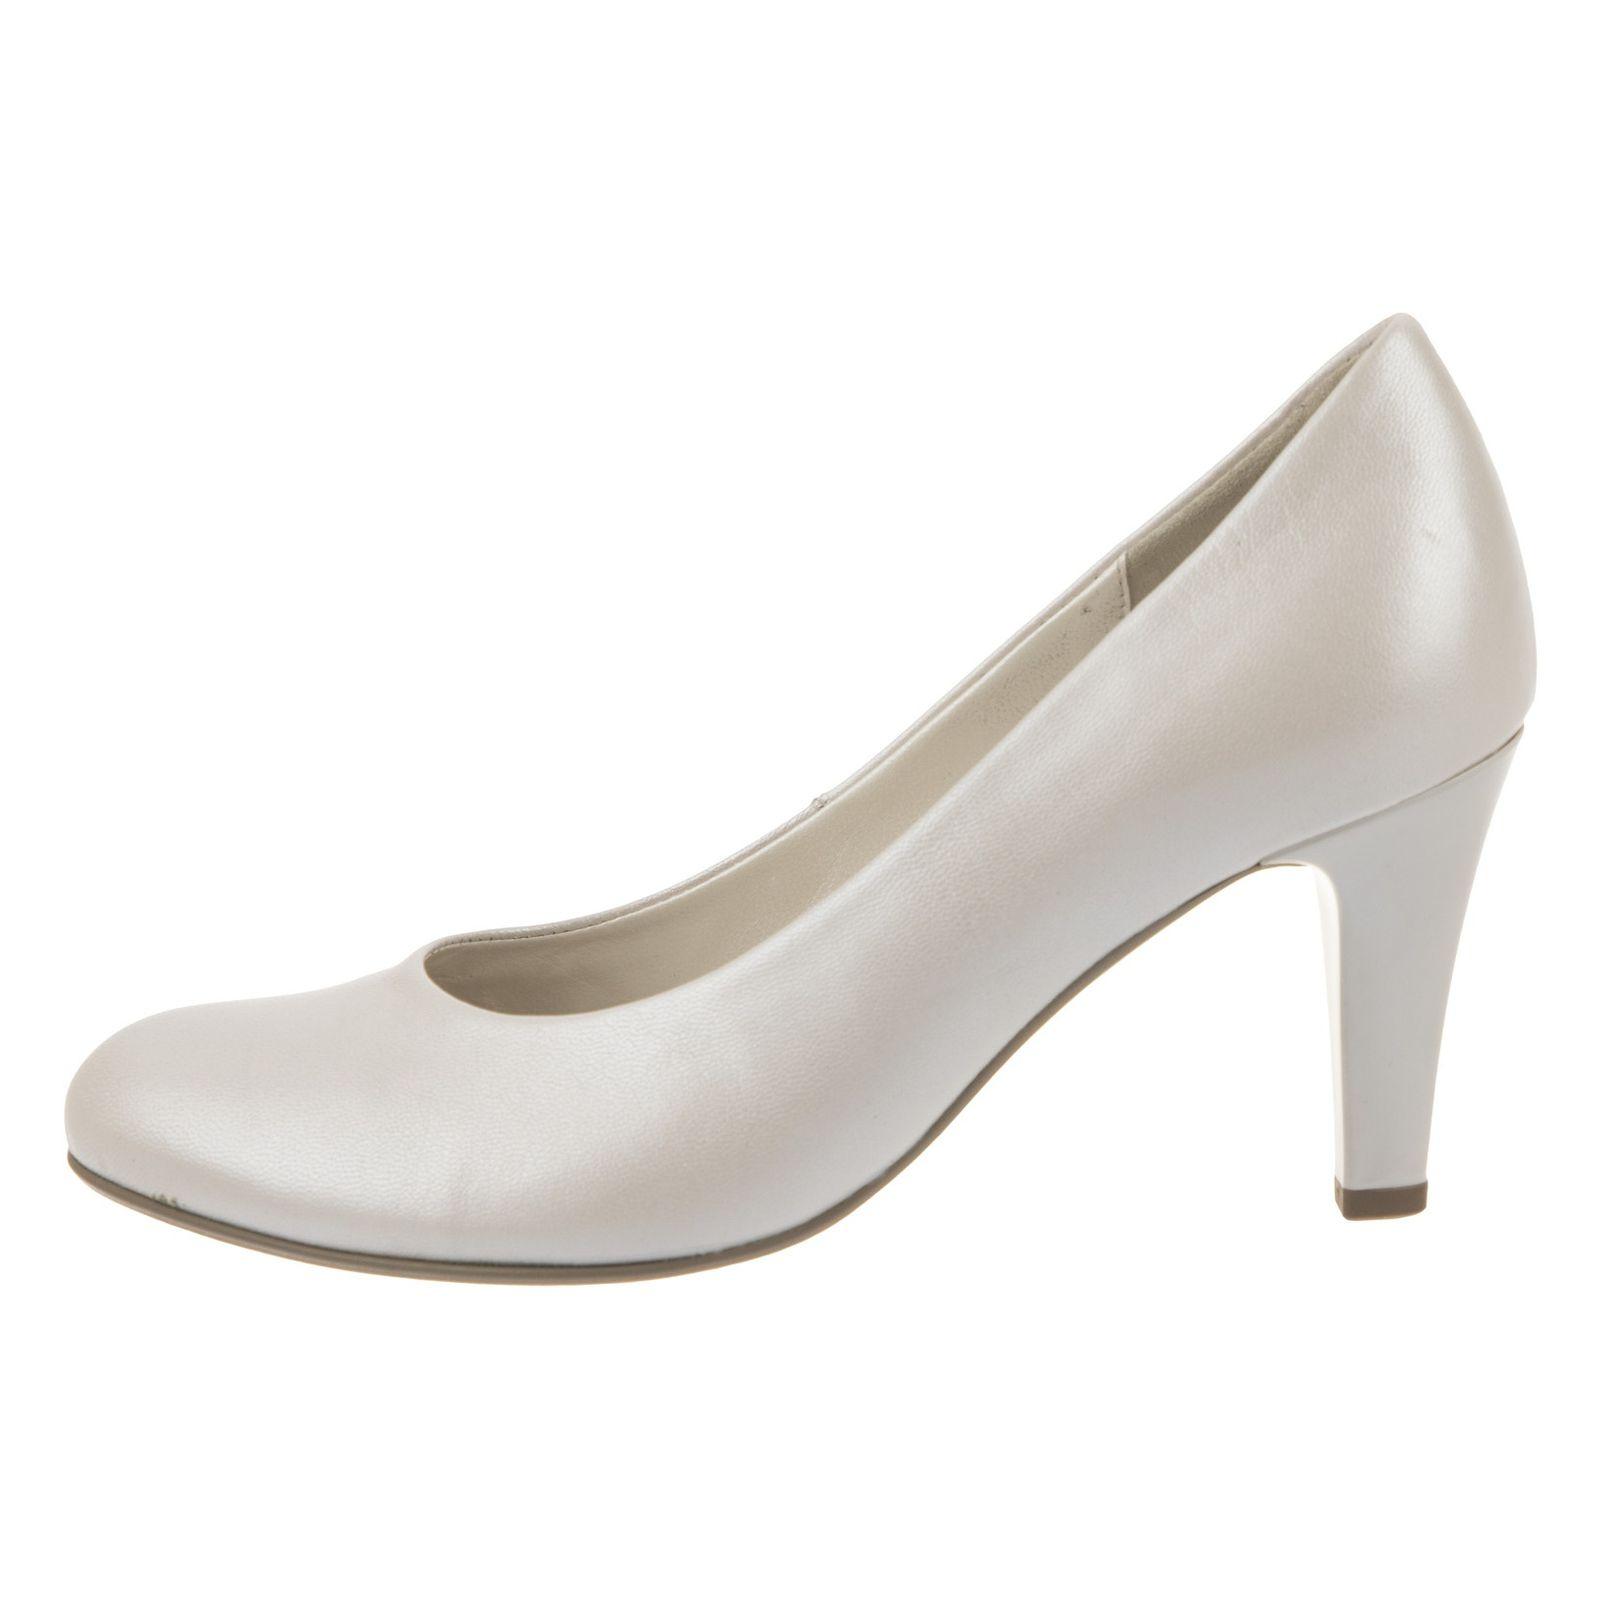 کفش زنانه گابور مدل 05.210.60 main 1 1